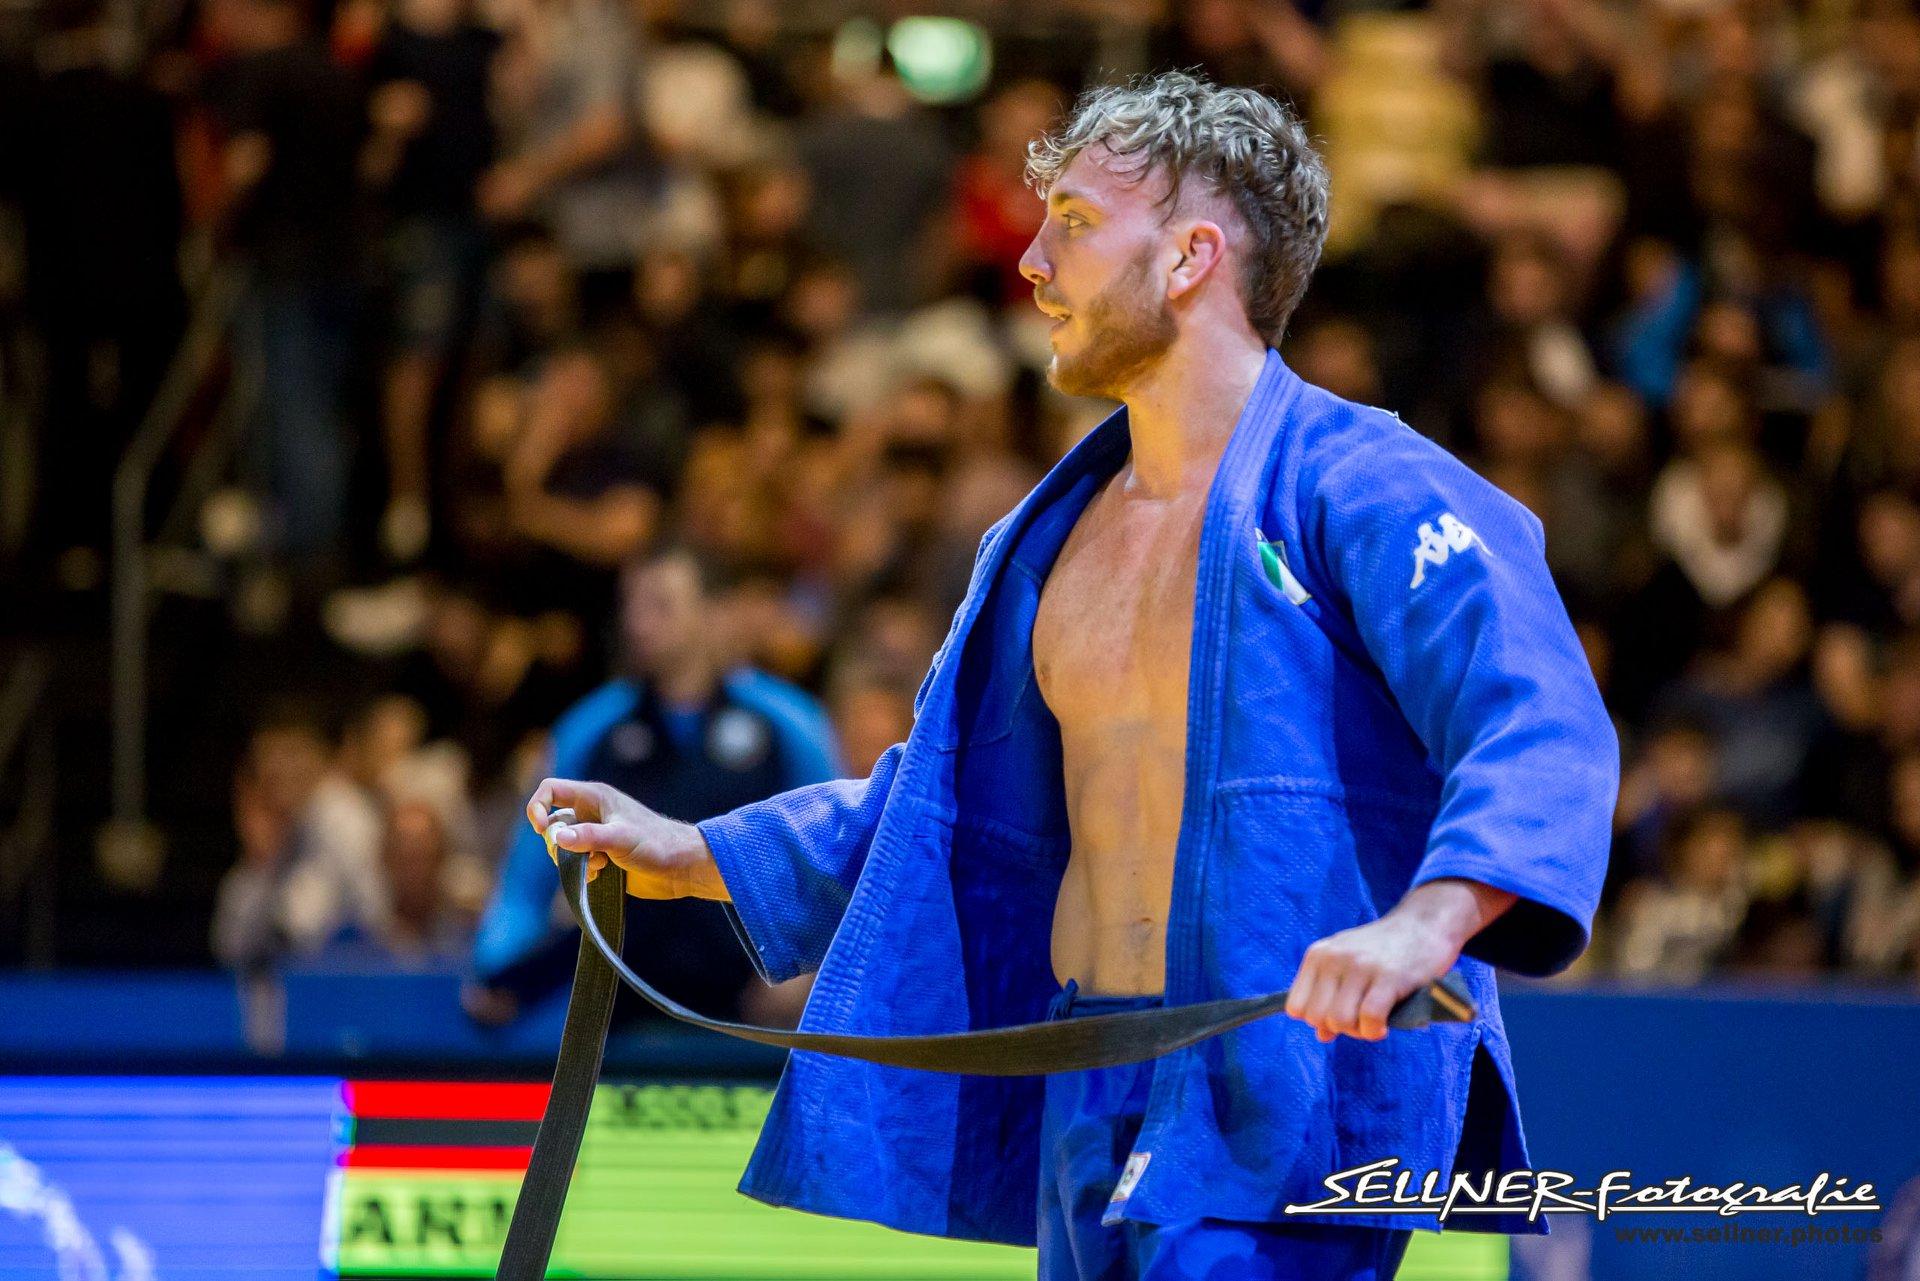 Antonio Esposito Judoka JudoInside